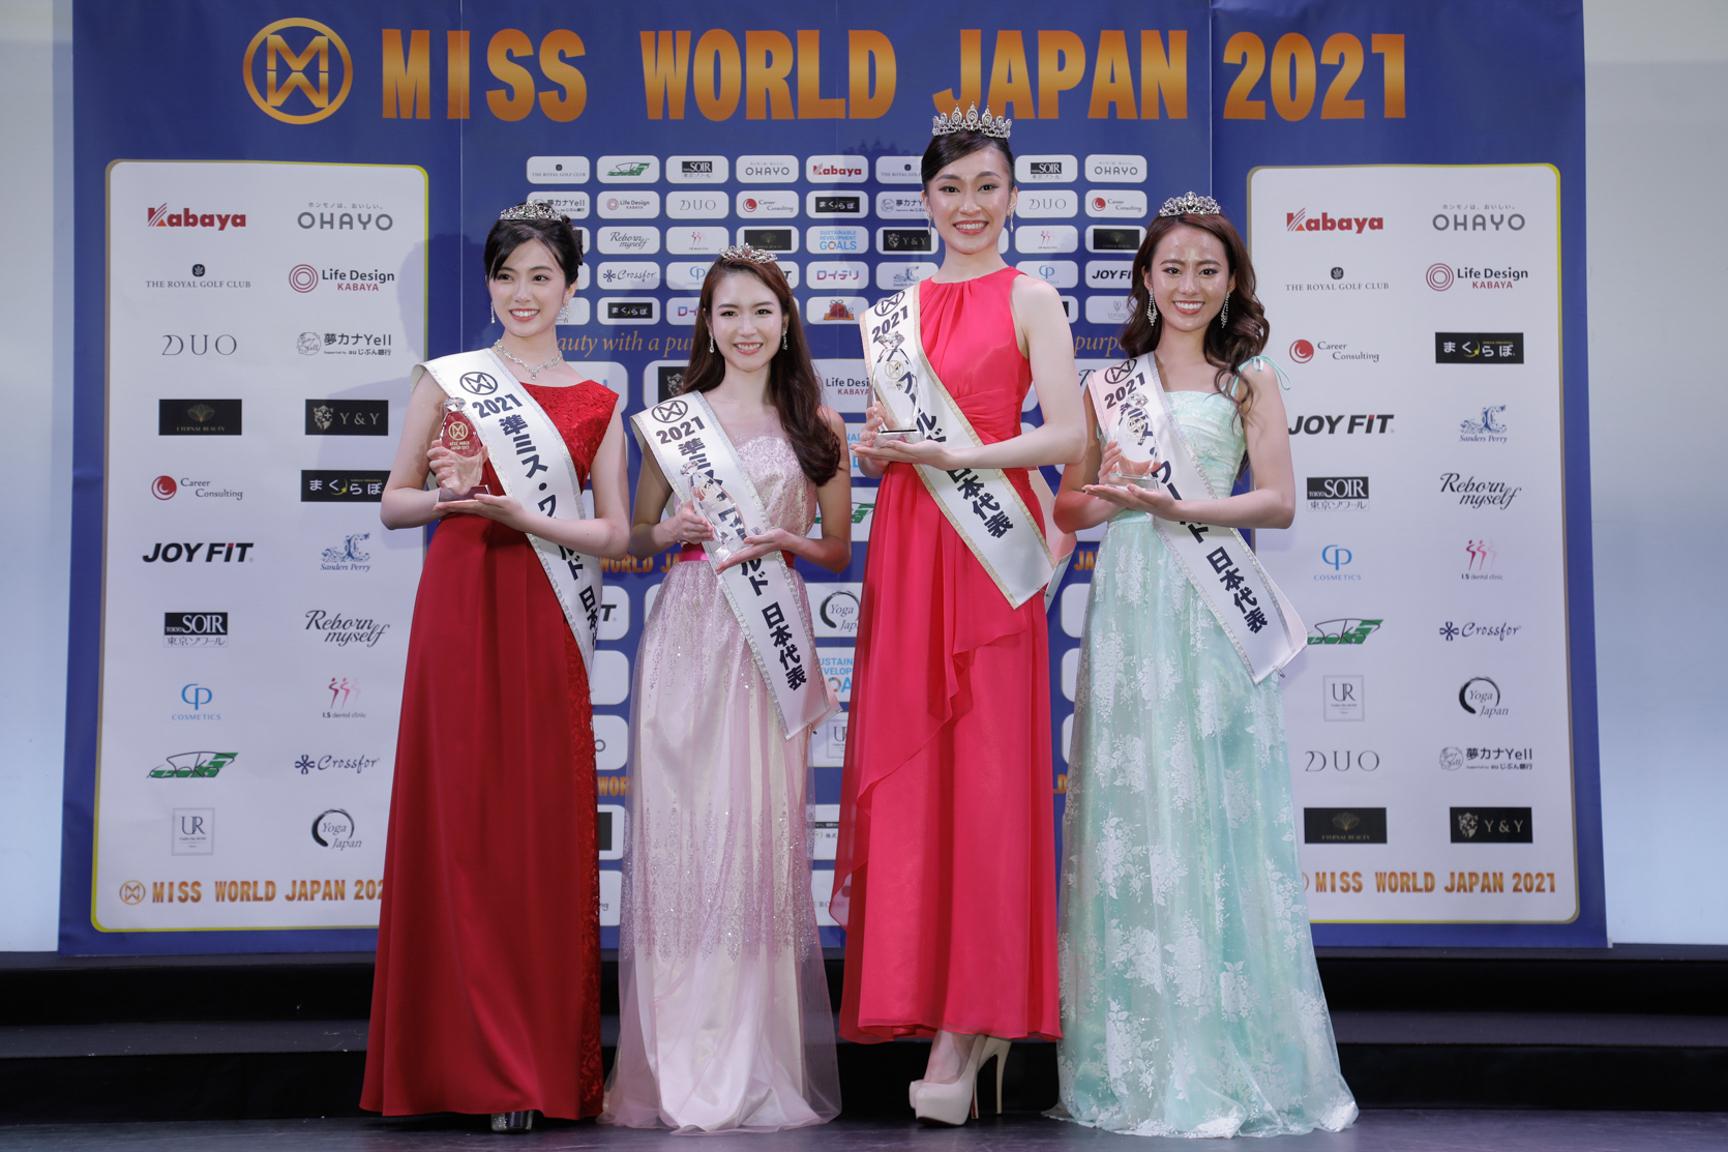 結那,冨田キアナ,星たまき,武用華音 ミス・ワールド・ジャパン2021